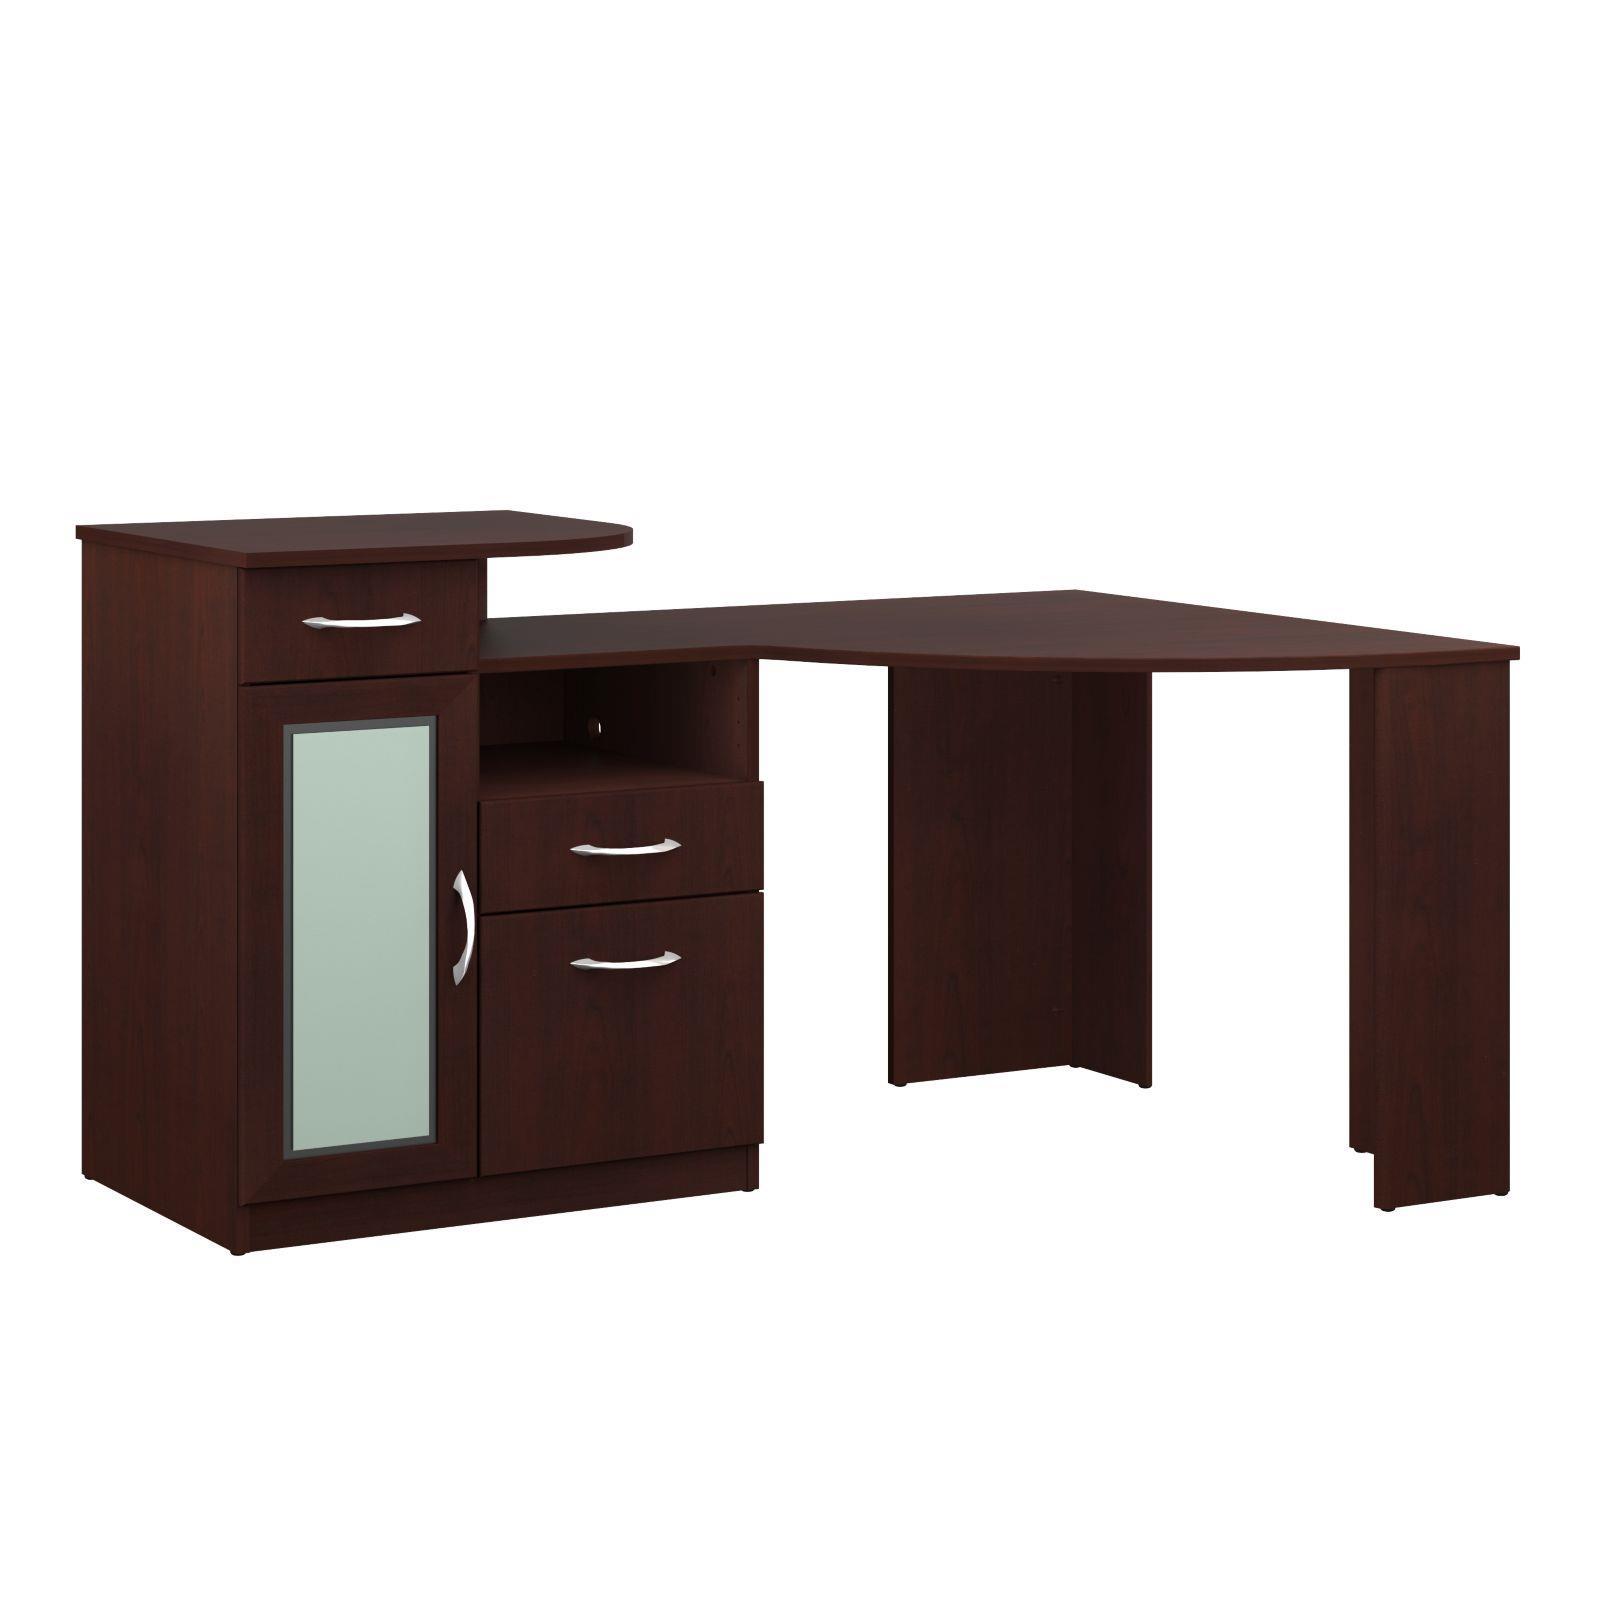 Bush Furniture Corner Desk by OJ Commerce HM6611503  25496